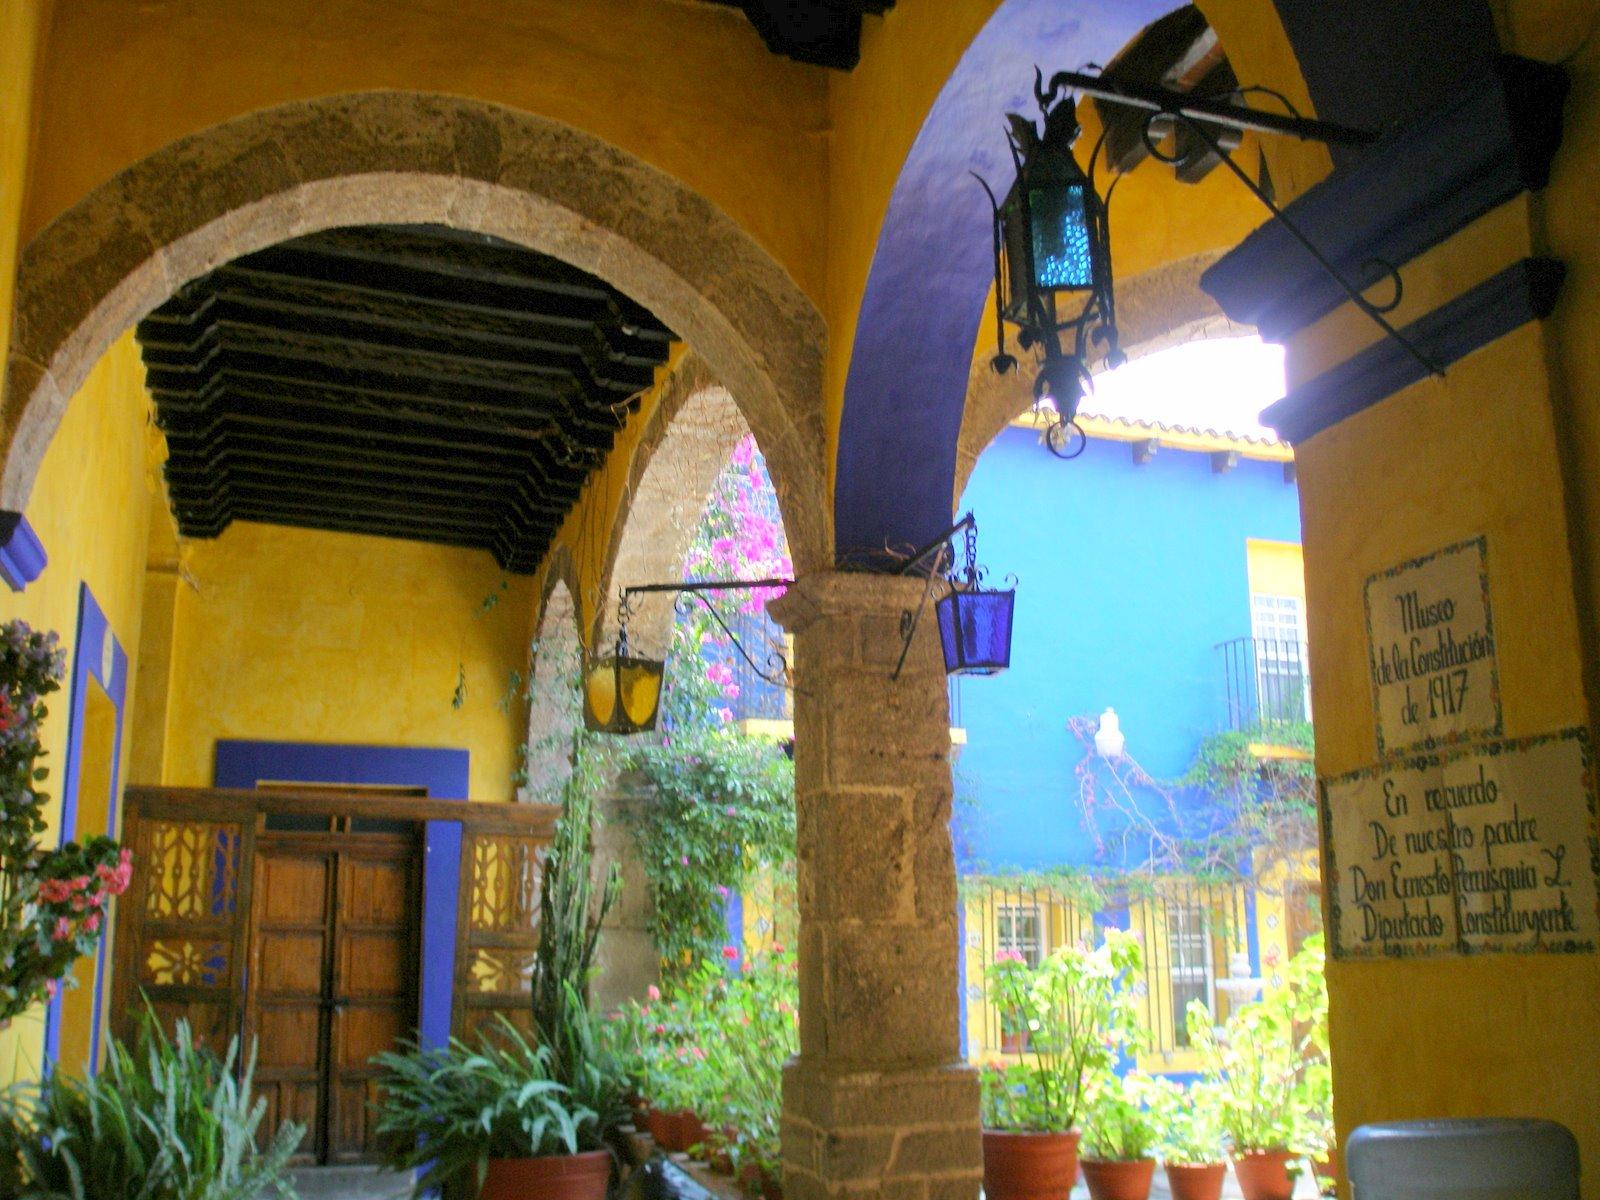 Blanchstyle casona estilo colonial mexicano for Decoracion colonial mexicana